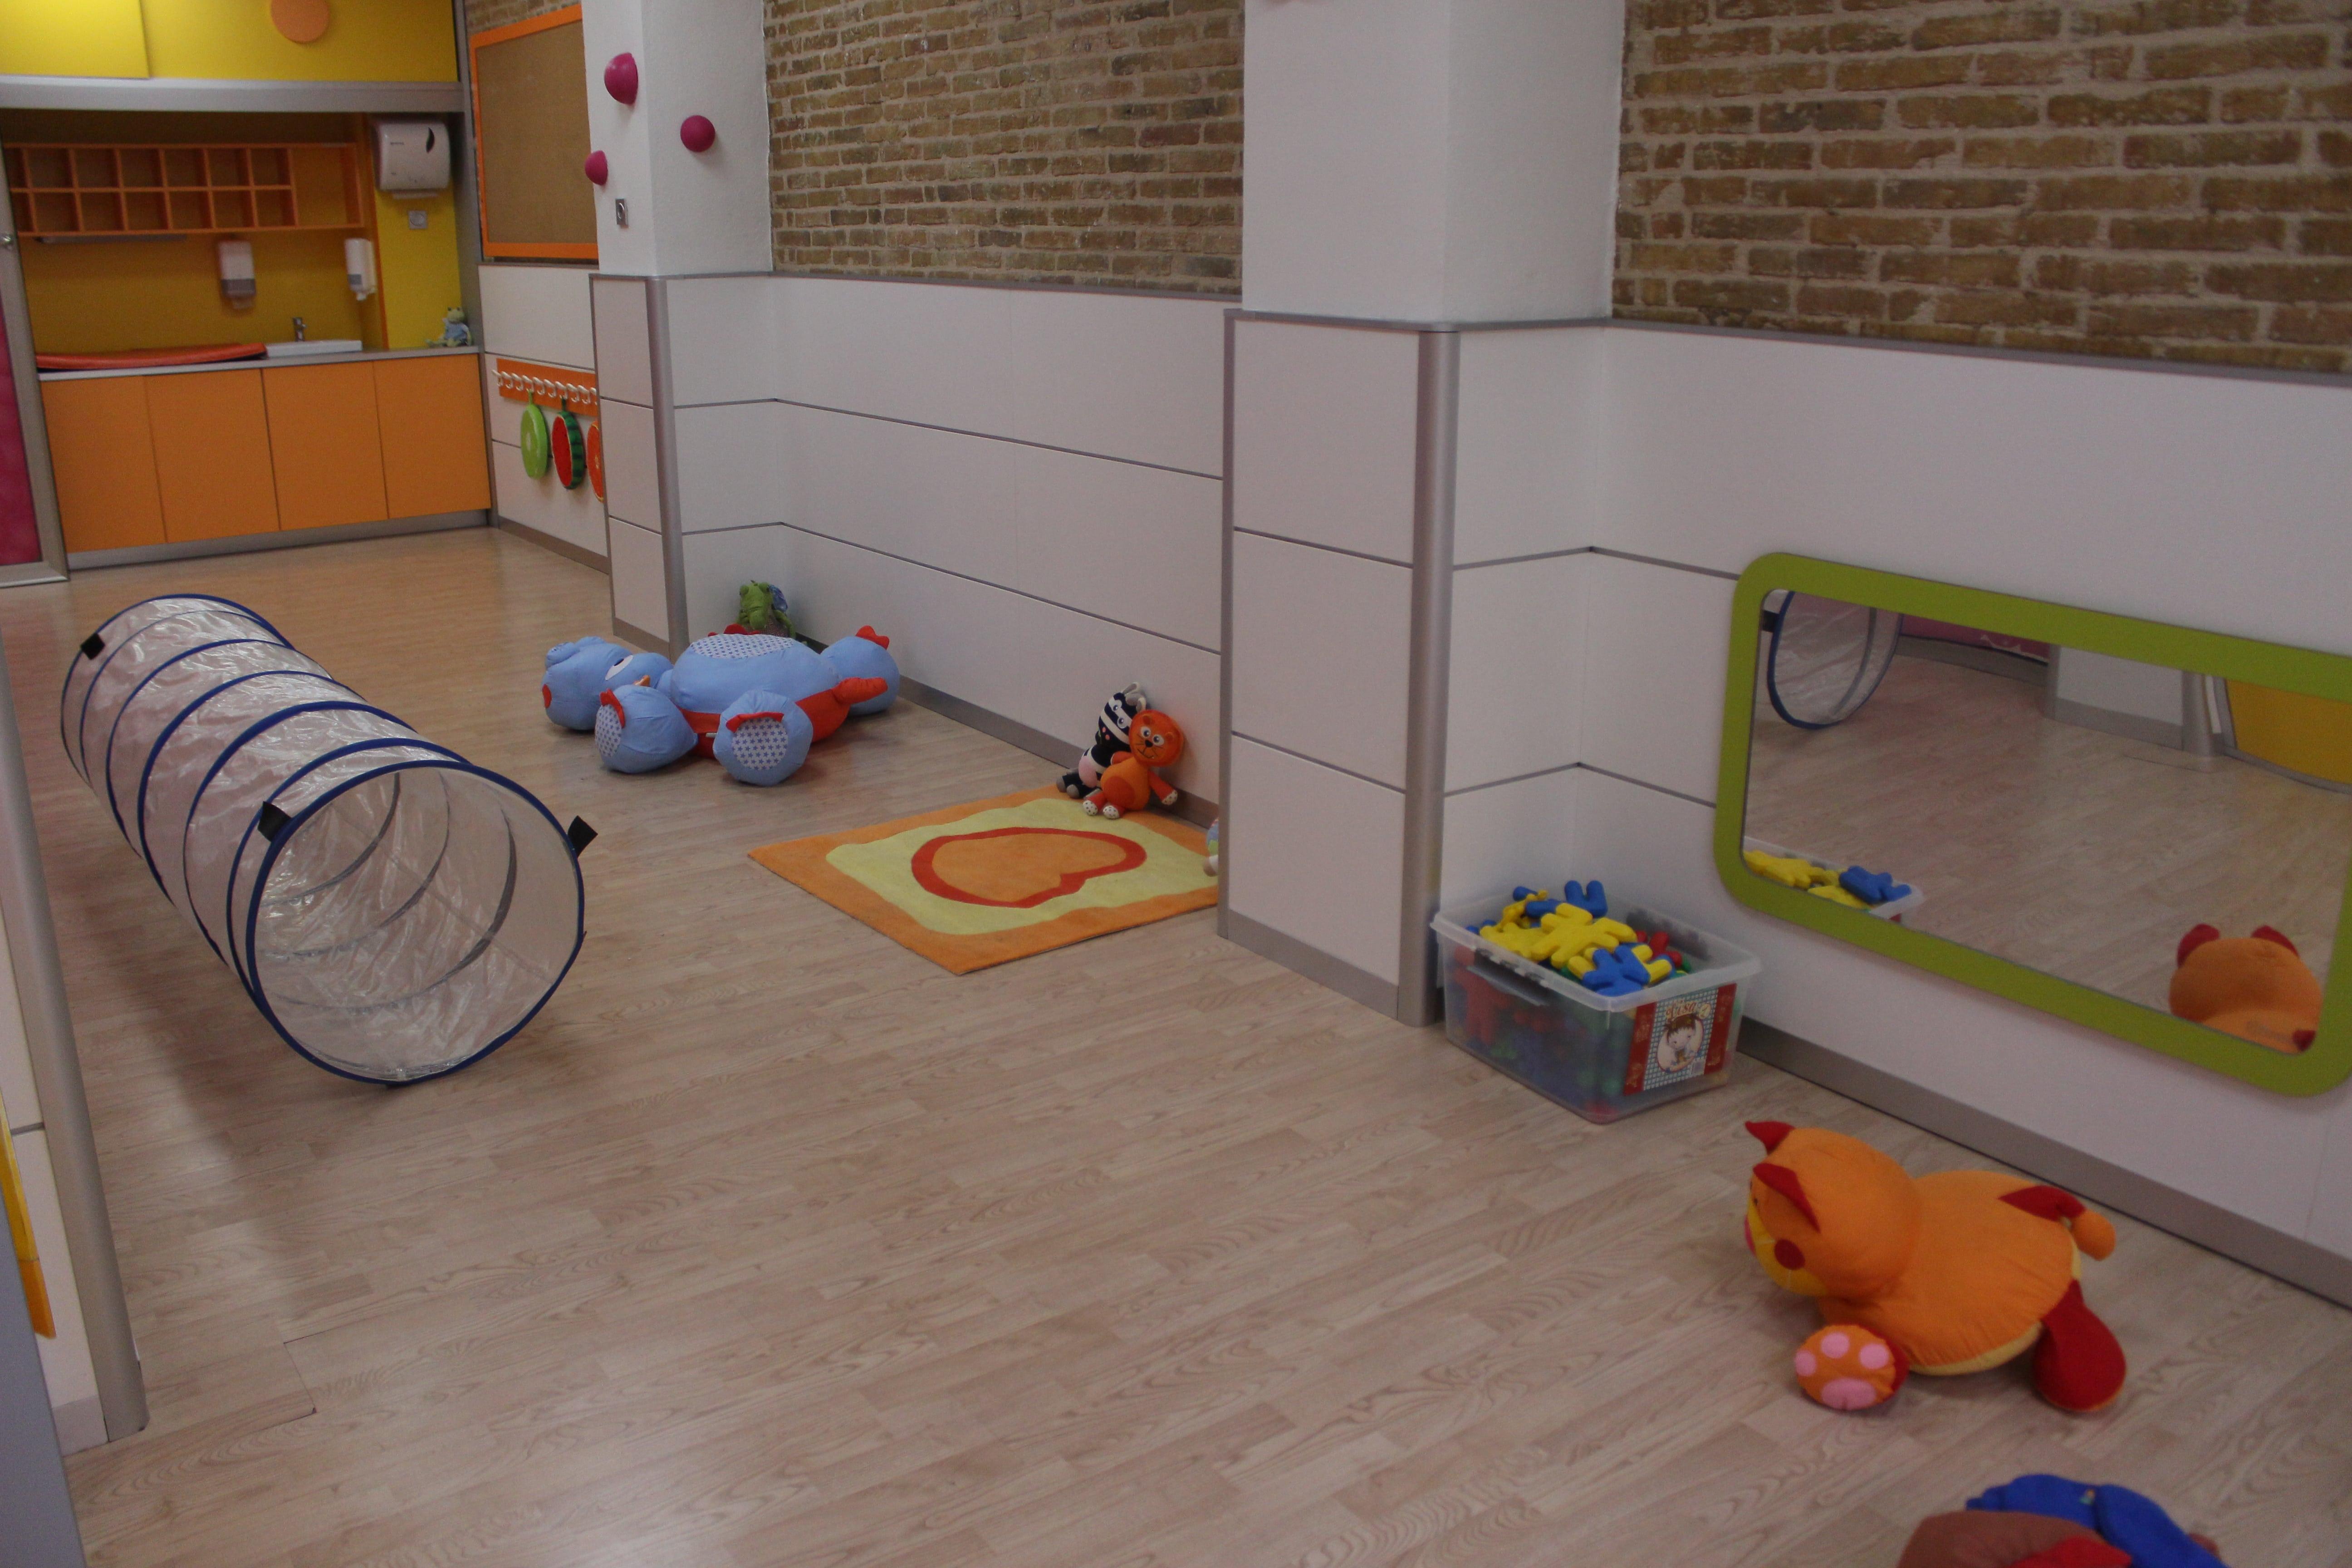 escuela infantil bilingüe en Valencia - juguetes por el suelo